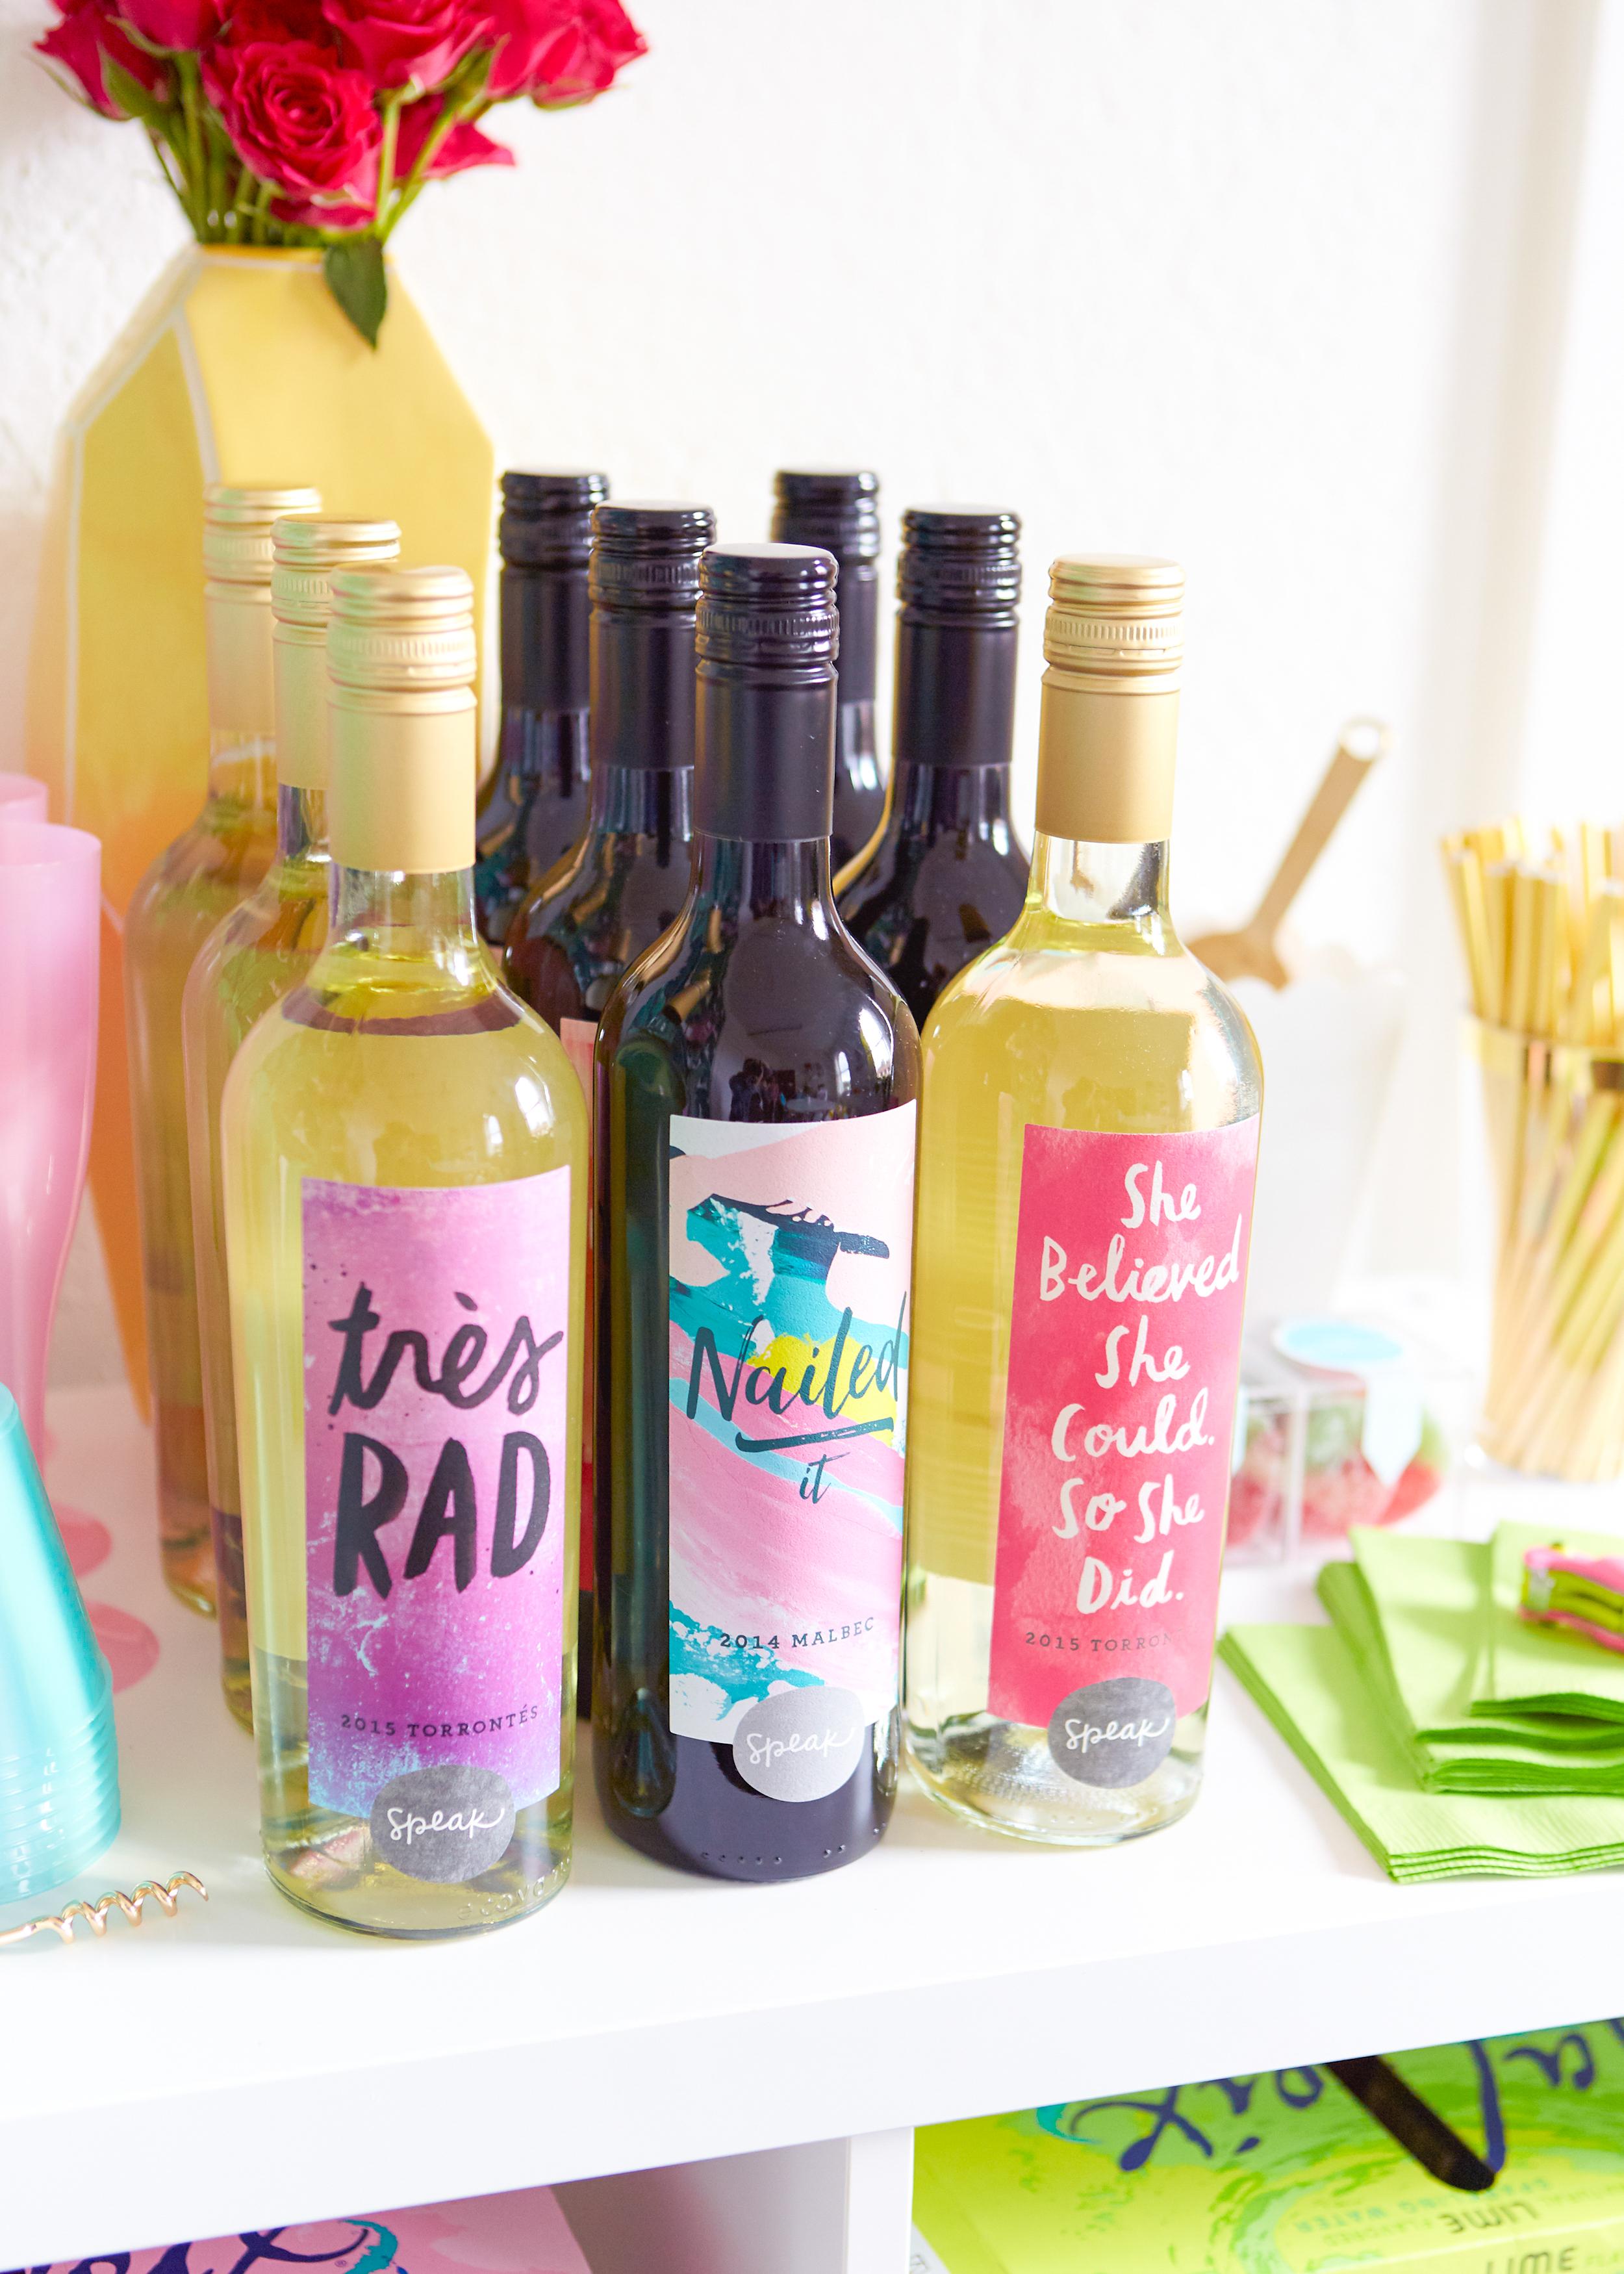 VTS GW Speak Bottles 1.jpg